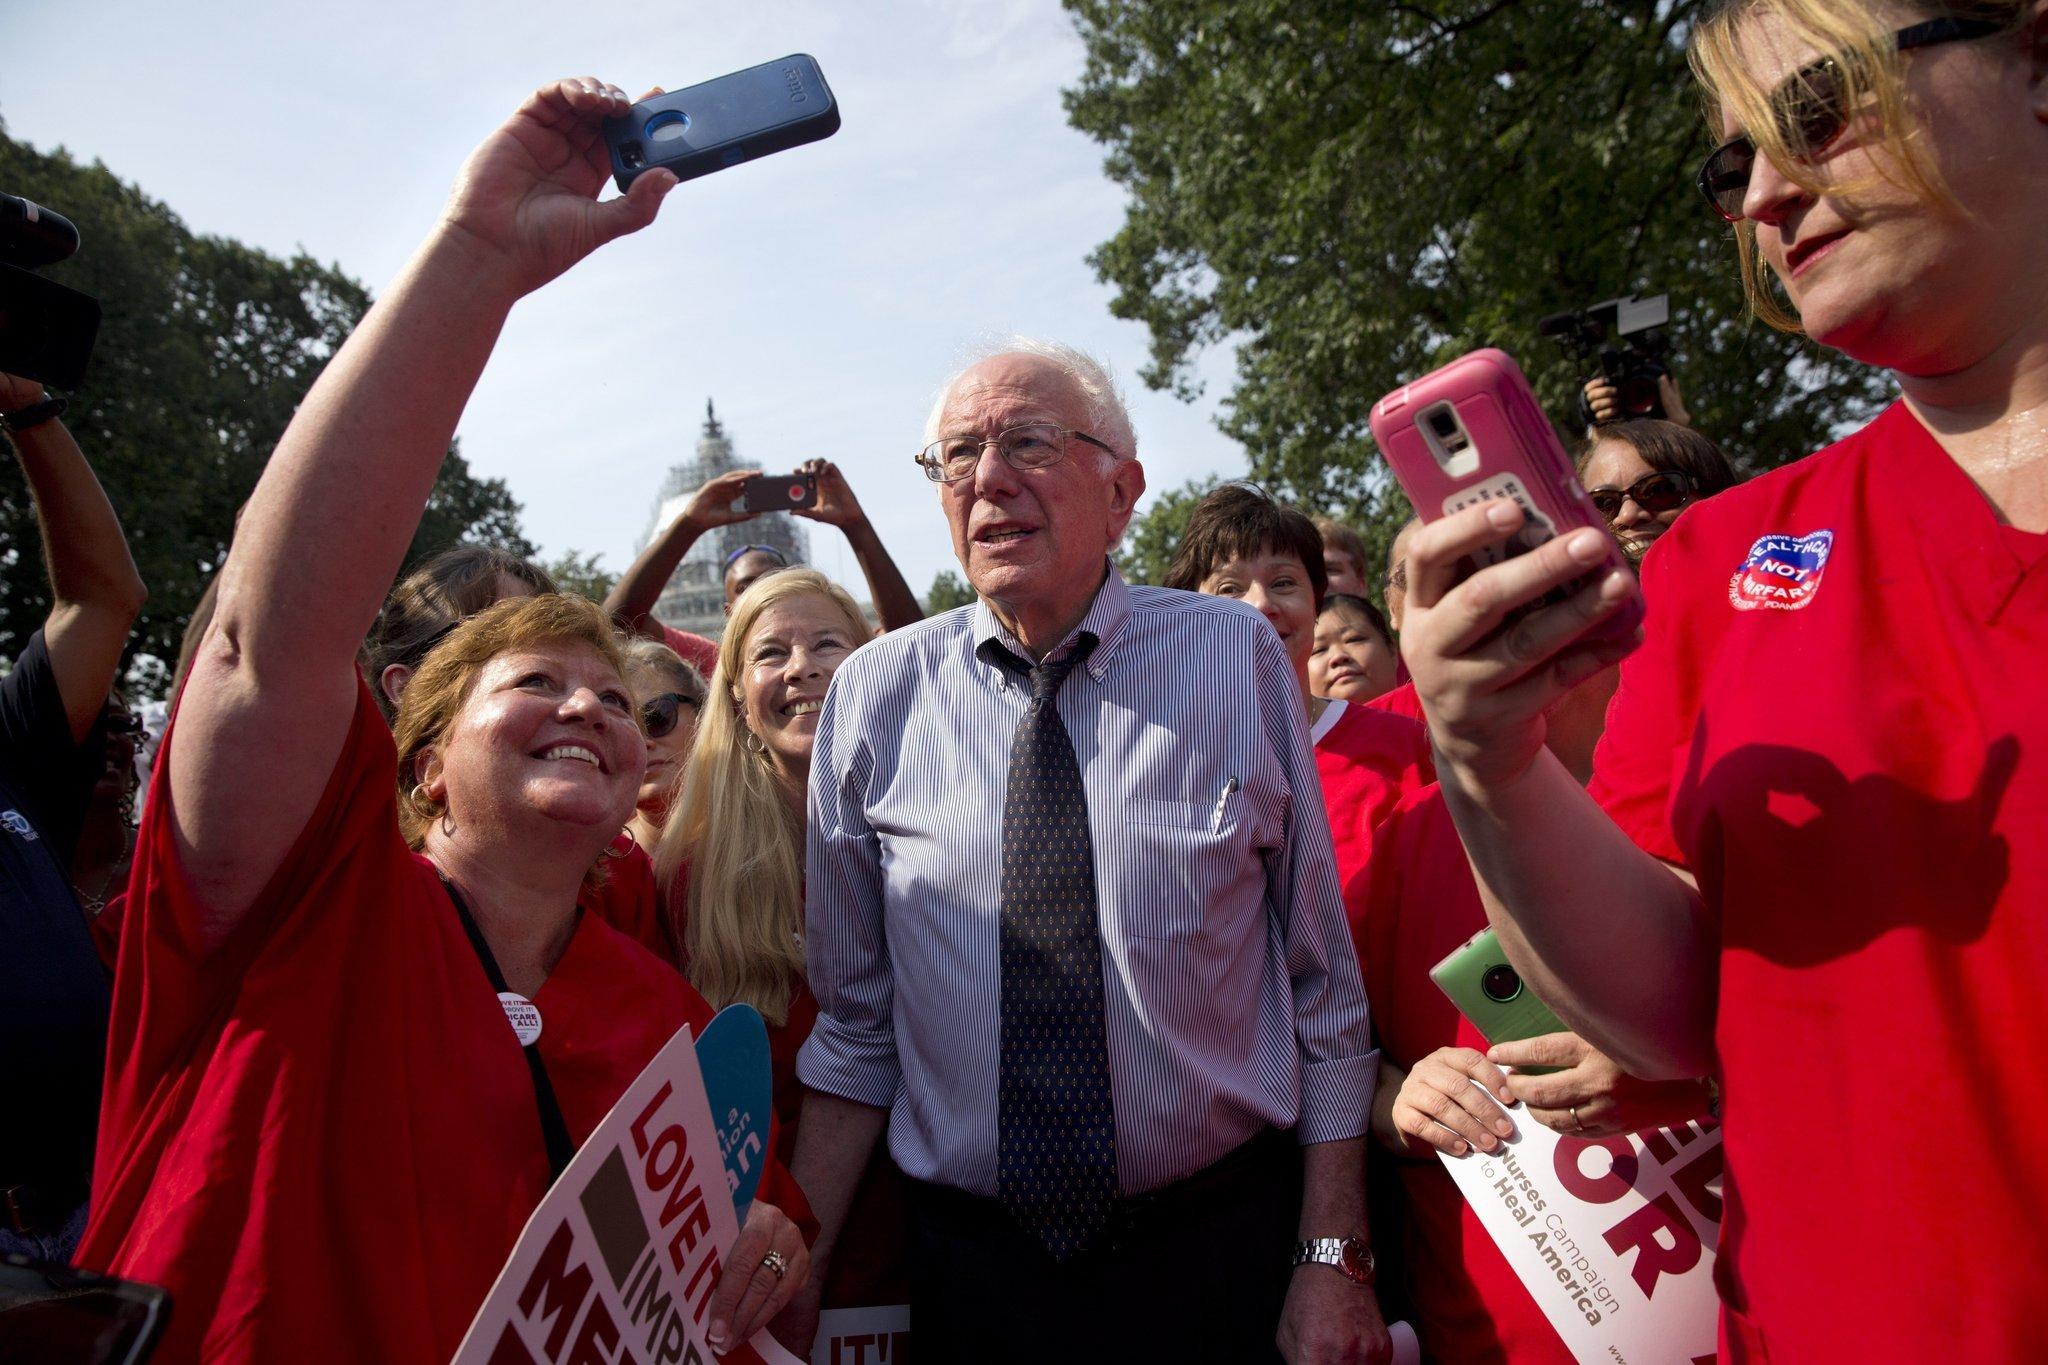 No, Bernie Sanders' fans aren't delusional - Chicago Tribune